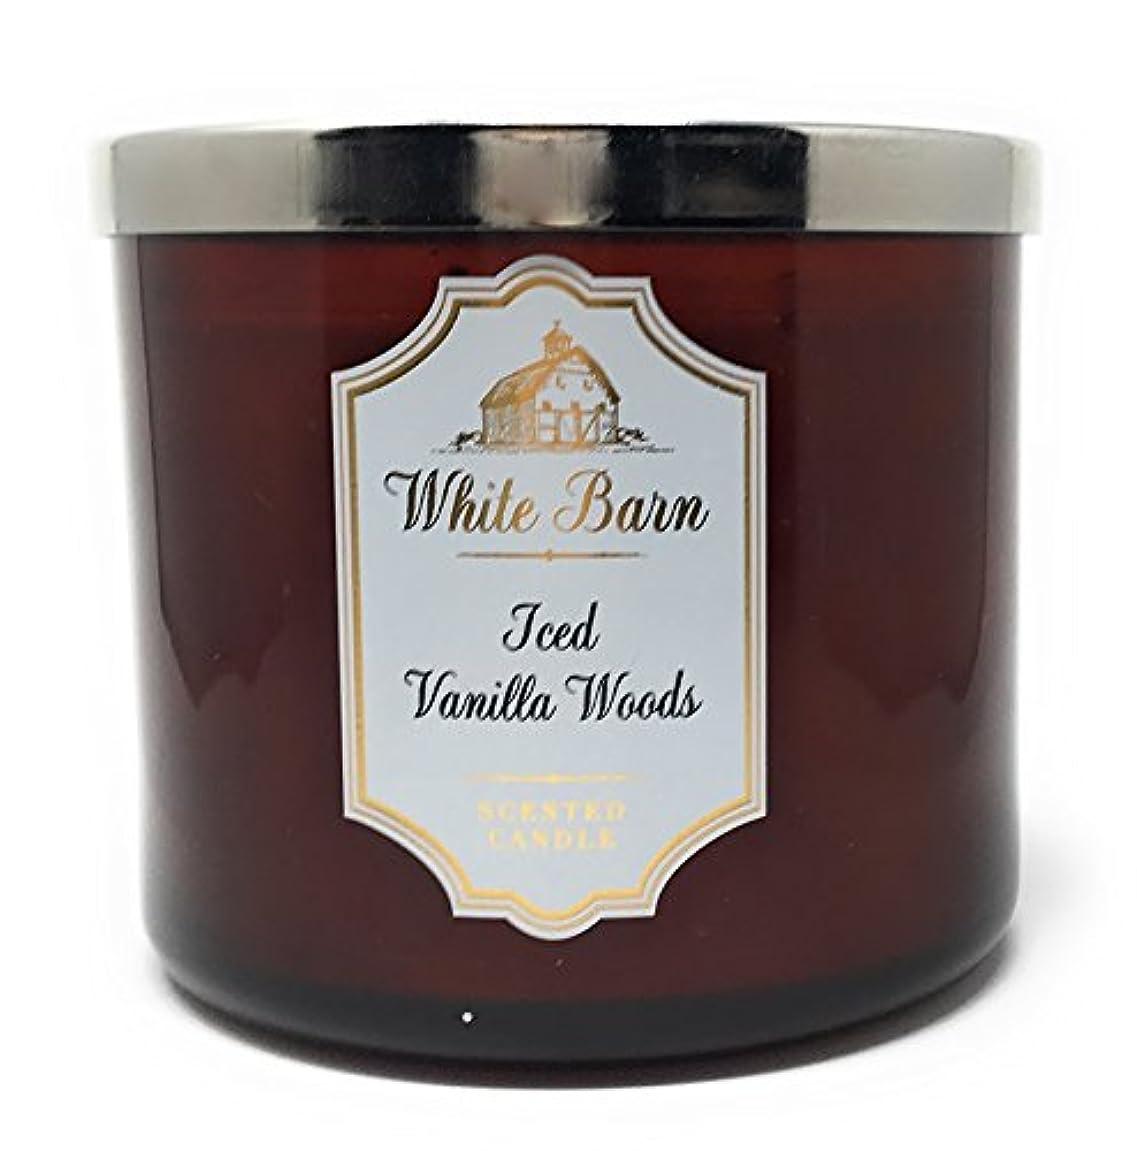 吹雪嵐が丘広告主ホワイトバーンBath & Body Works Candle 3 Wick 14.5オンス香りIced Vanilla Woods